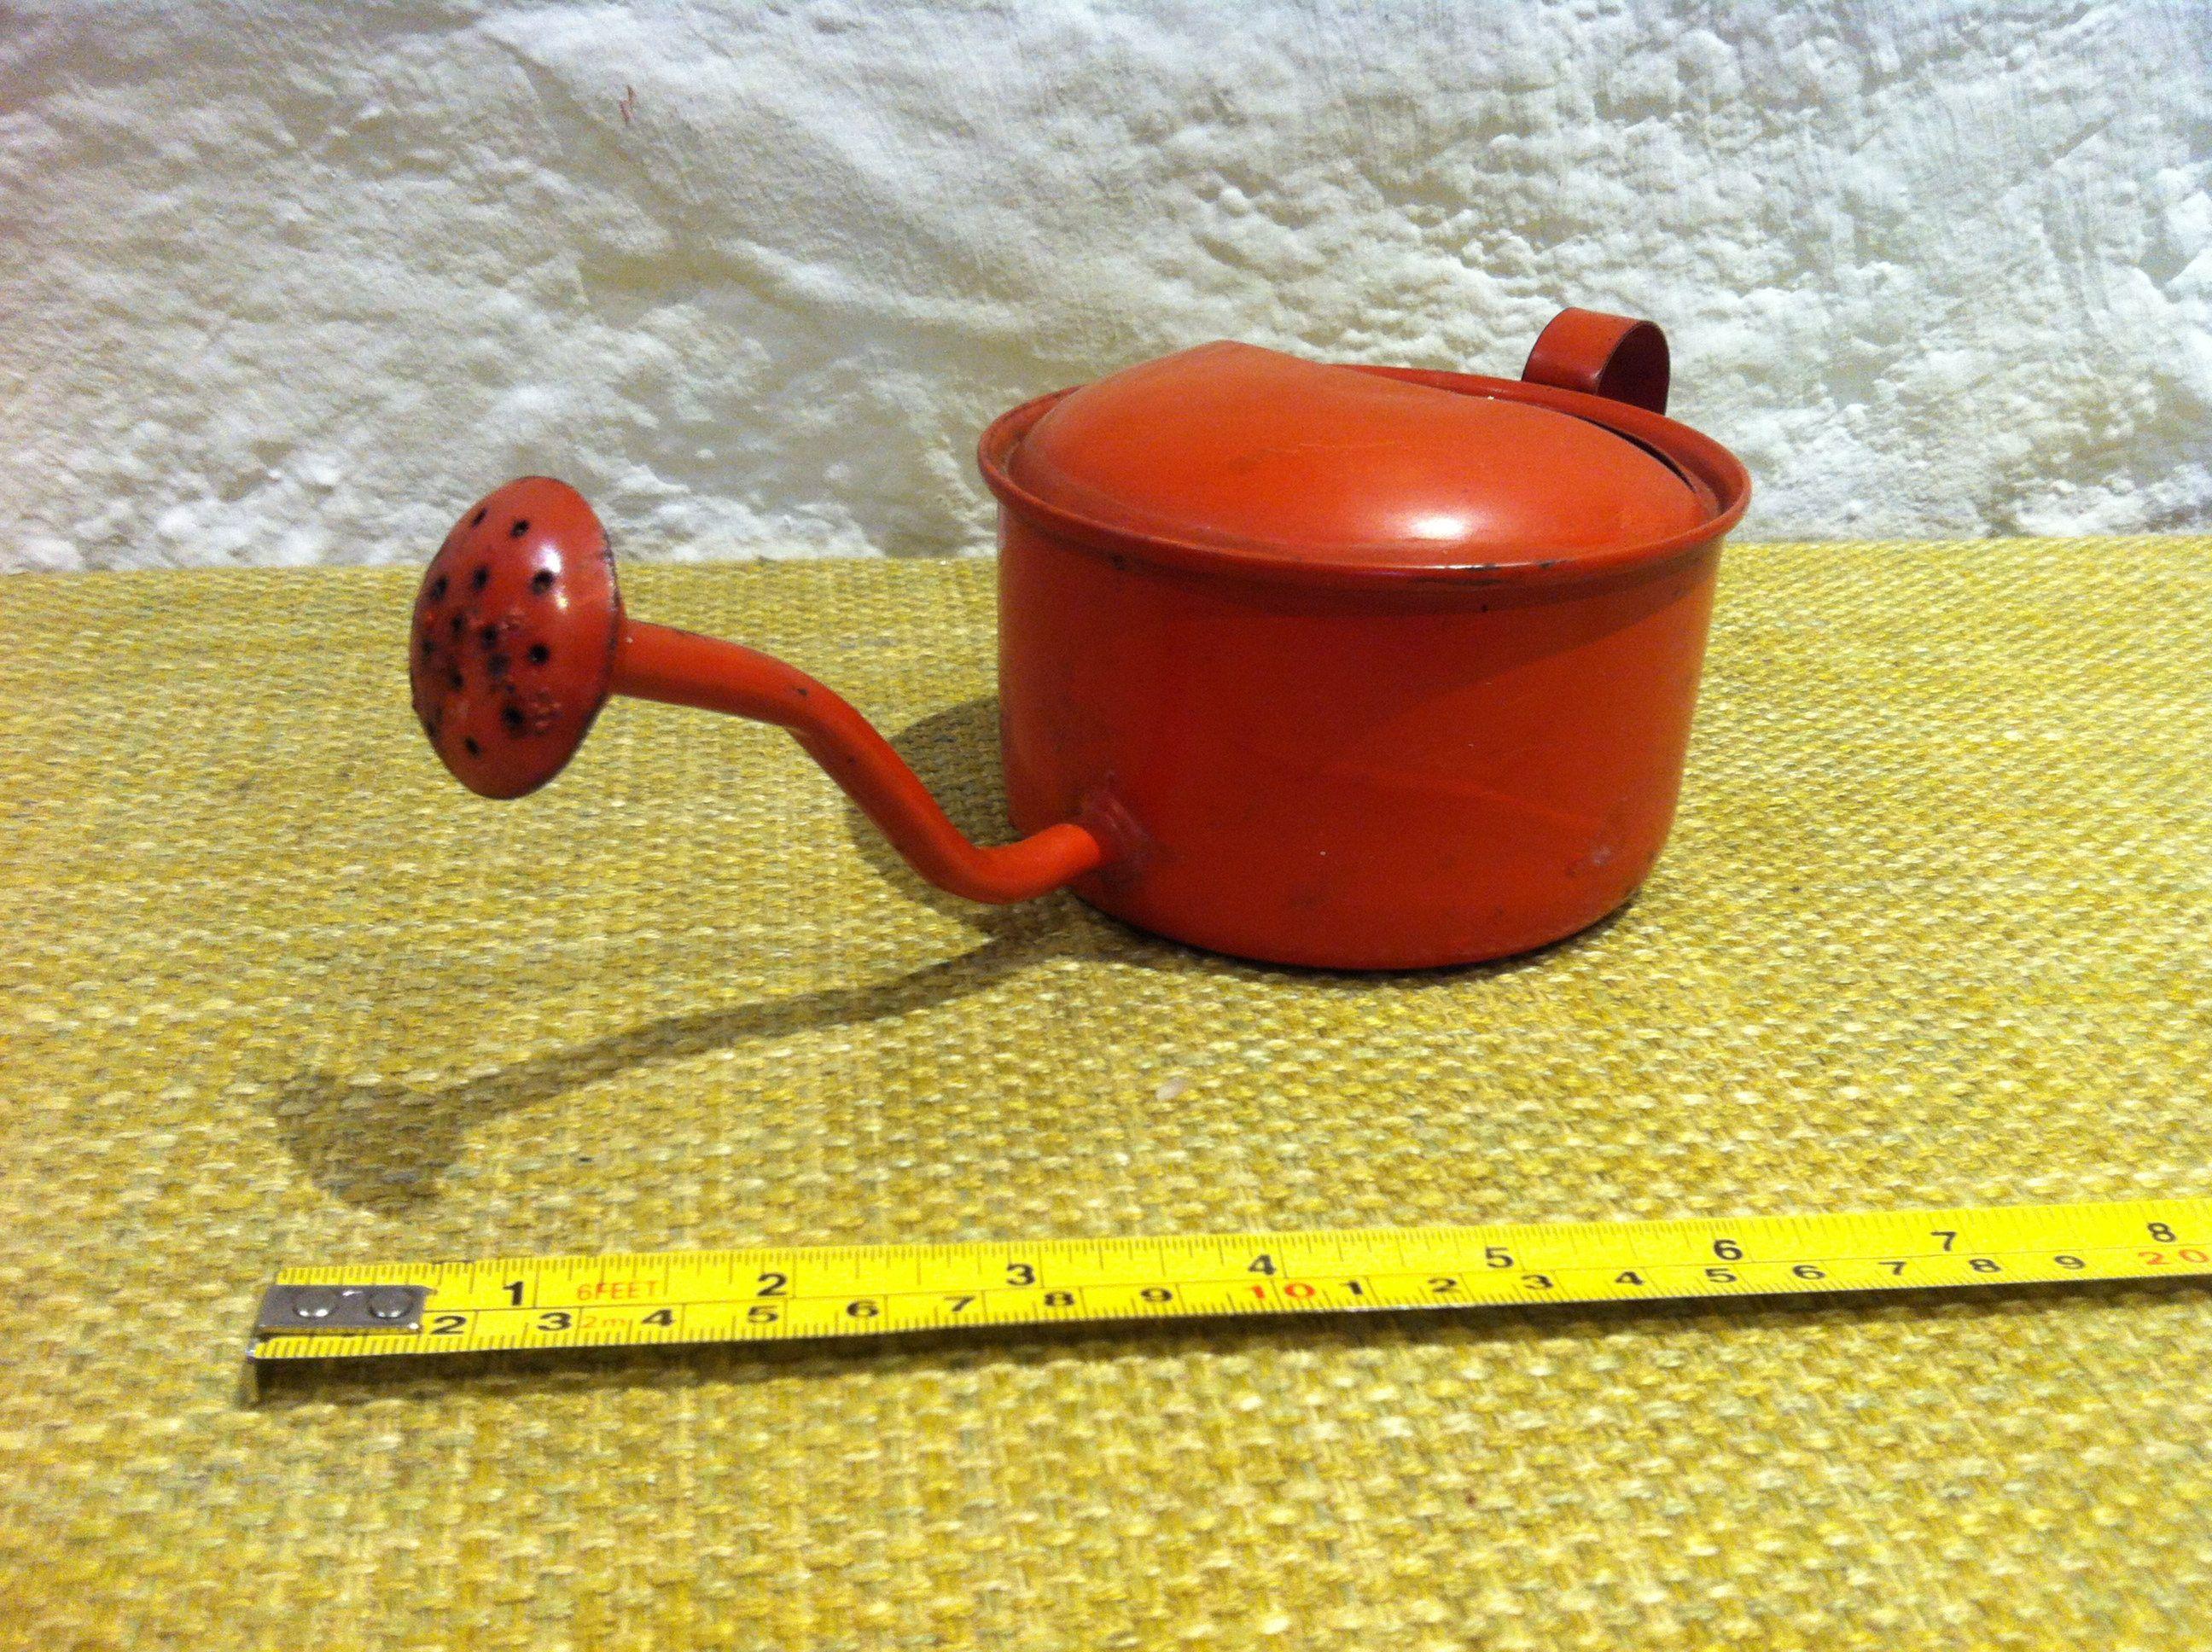 Vintage Kleine Emaille Gießkanne   Accessoires Dekoration Spielzeug Shabby  Chic Landhaus Deko Stil Von Antikladen Auf